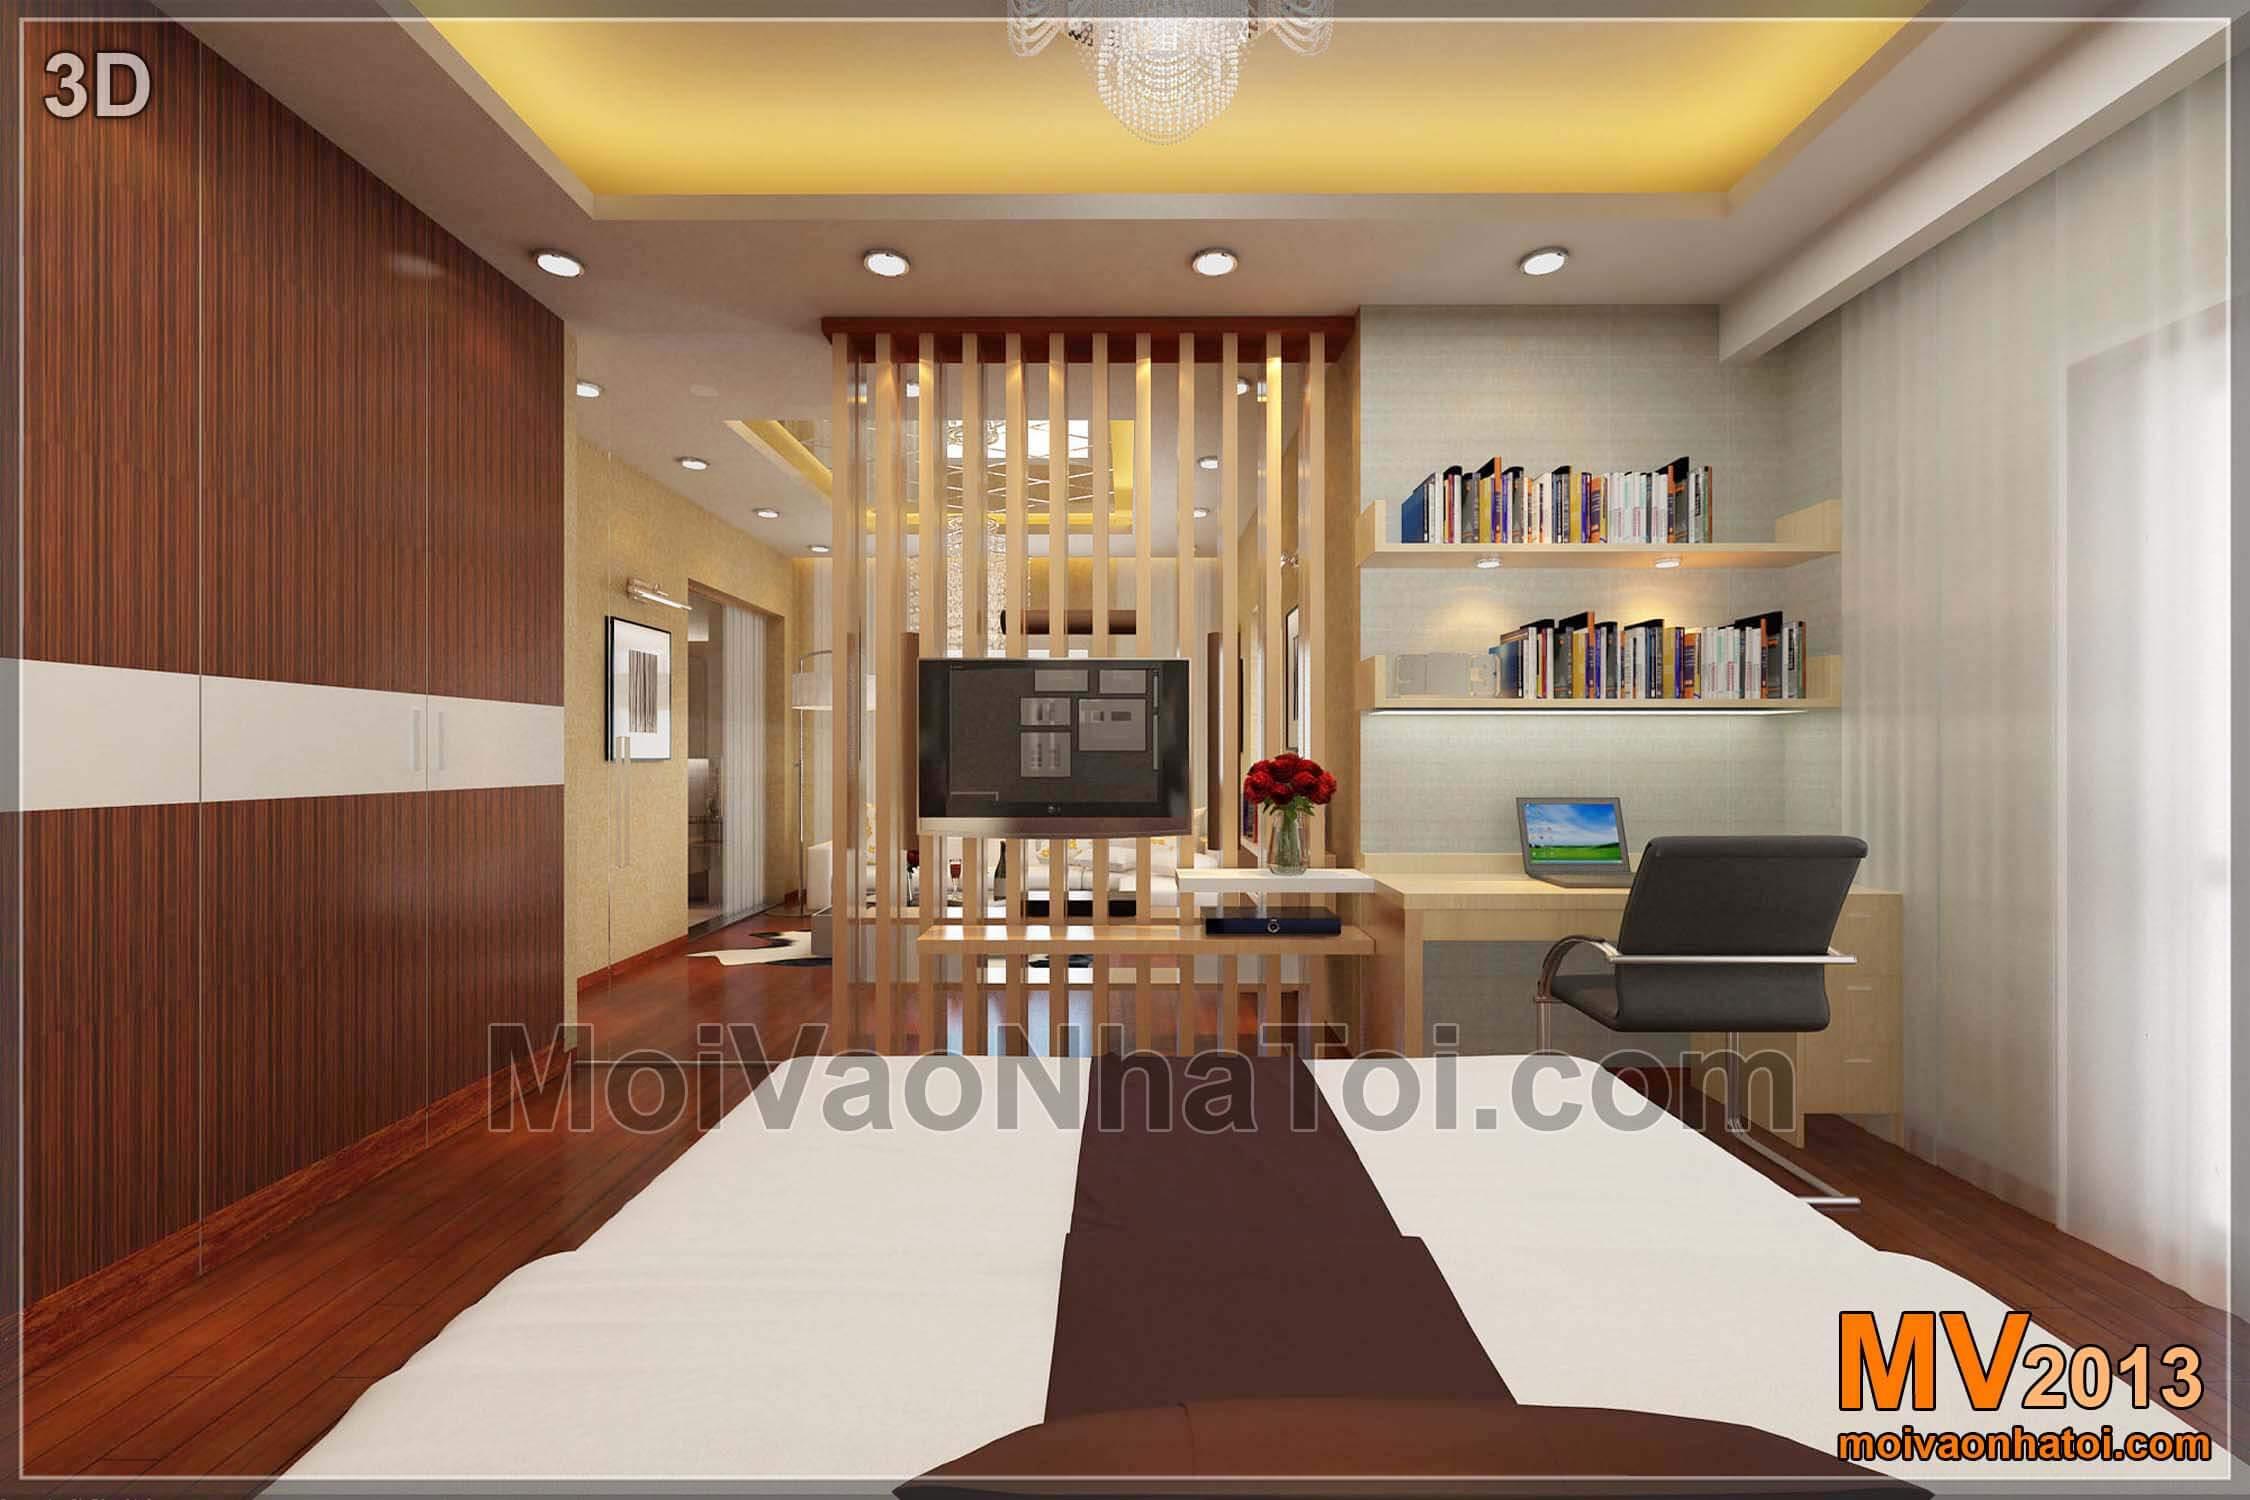 3D thiết kế tầng 3 biệt thự - phòng ngủ con